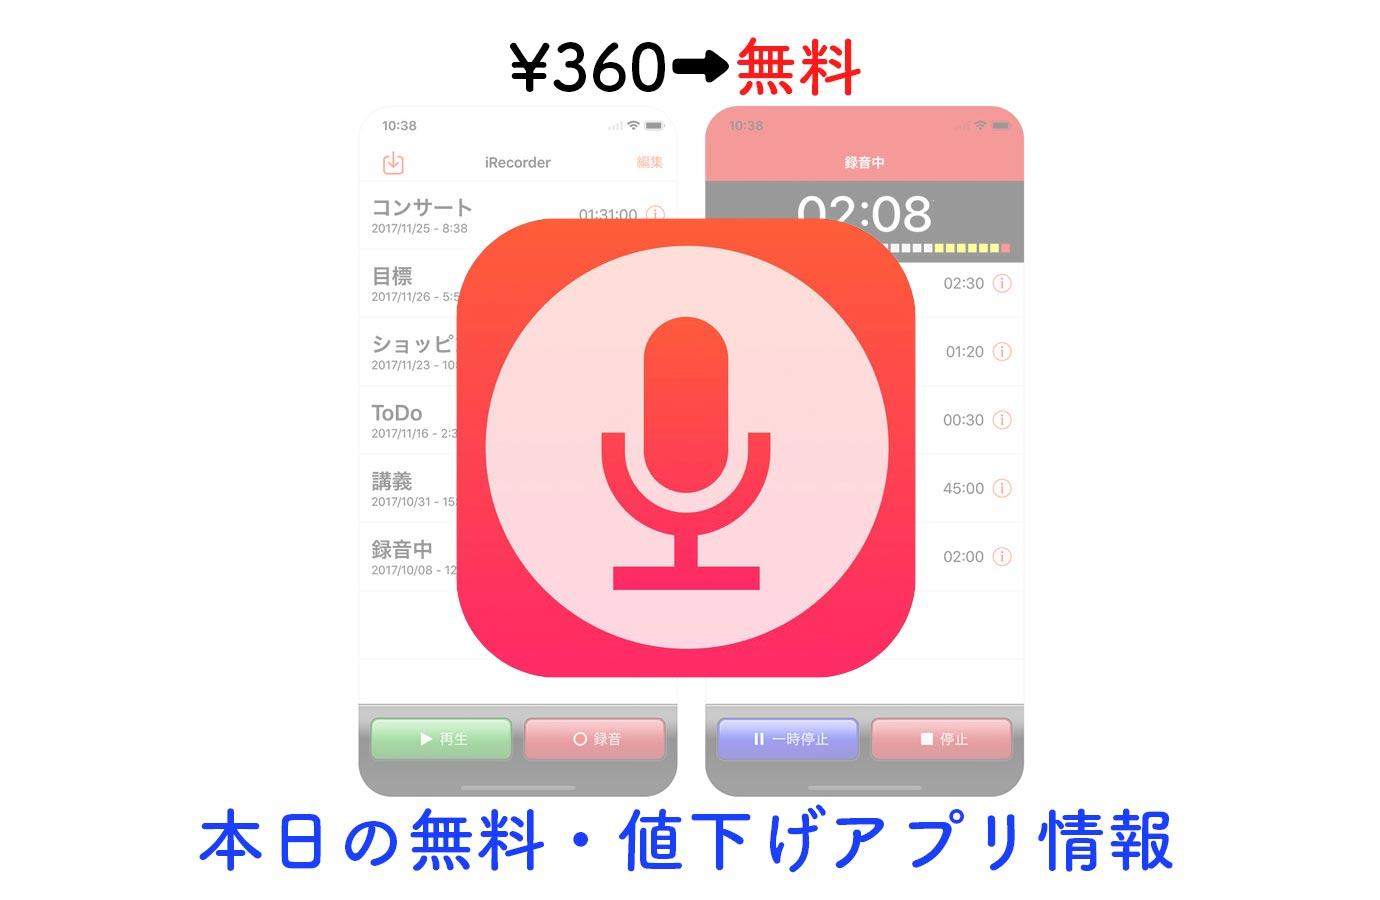 ¥360→無料、すばやく簡単に録音できるボイスレコーダー「iRecorder Pro」など【1/31】本日の無料・値下げアプリ情報